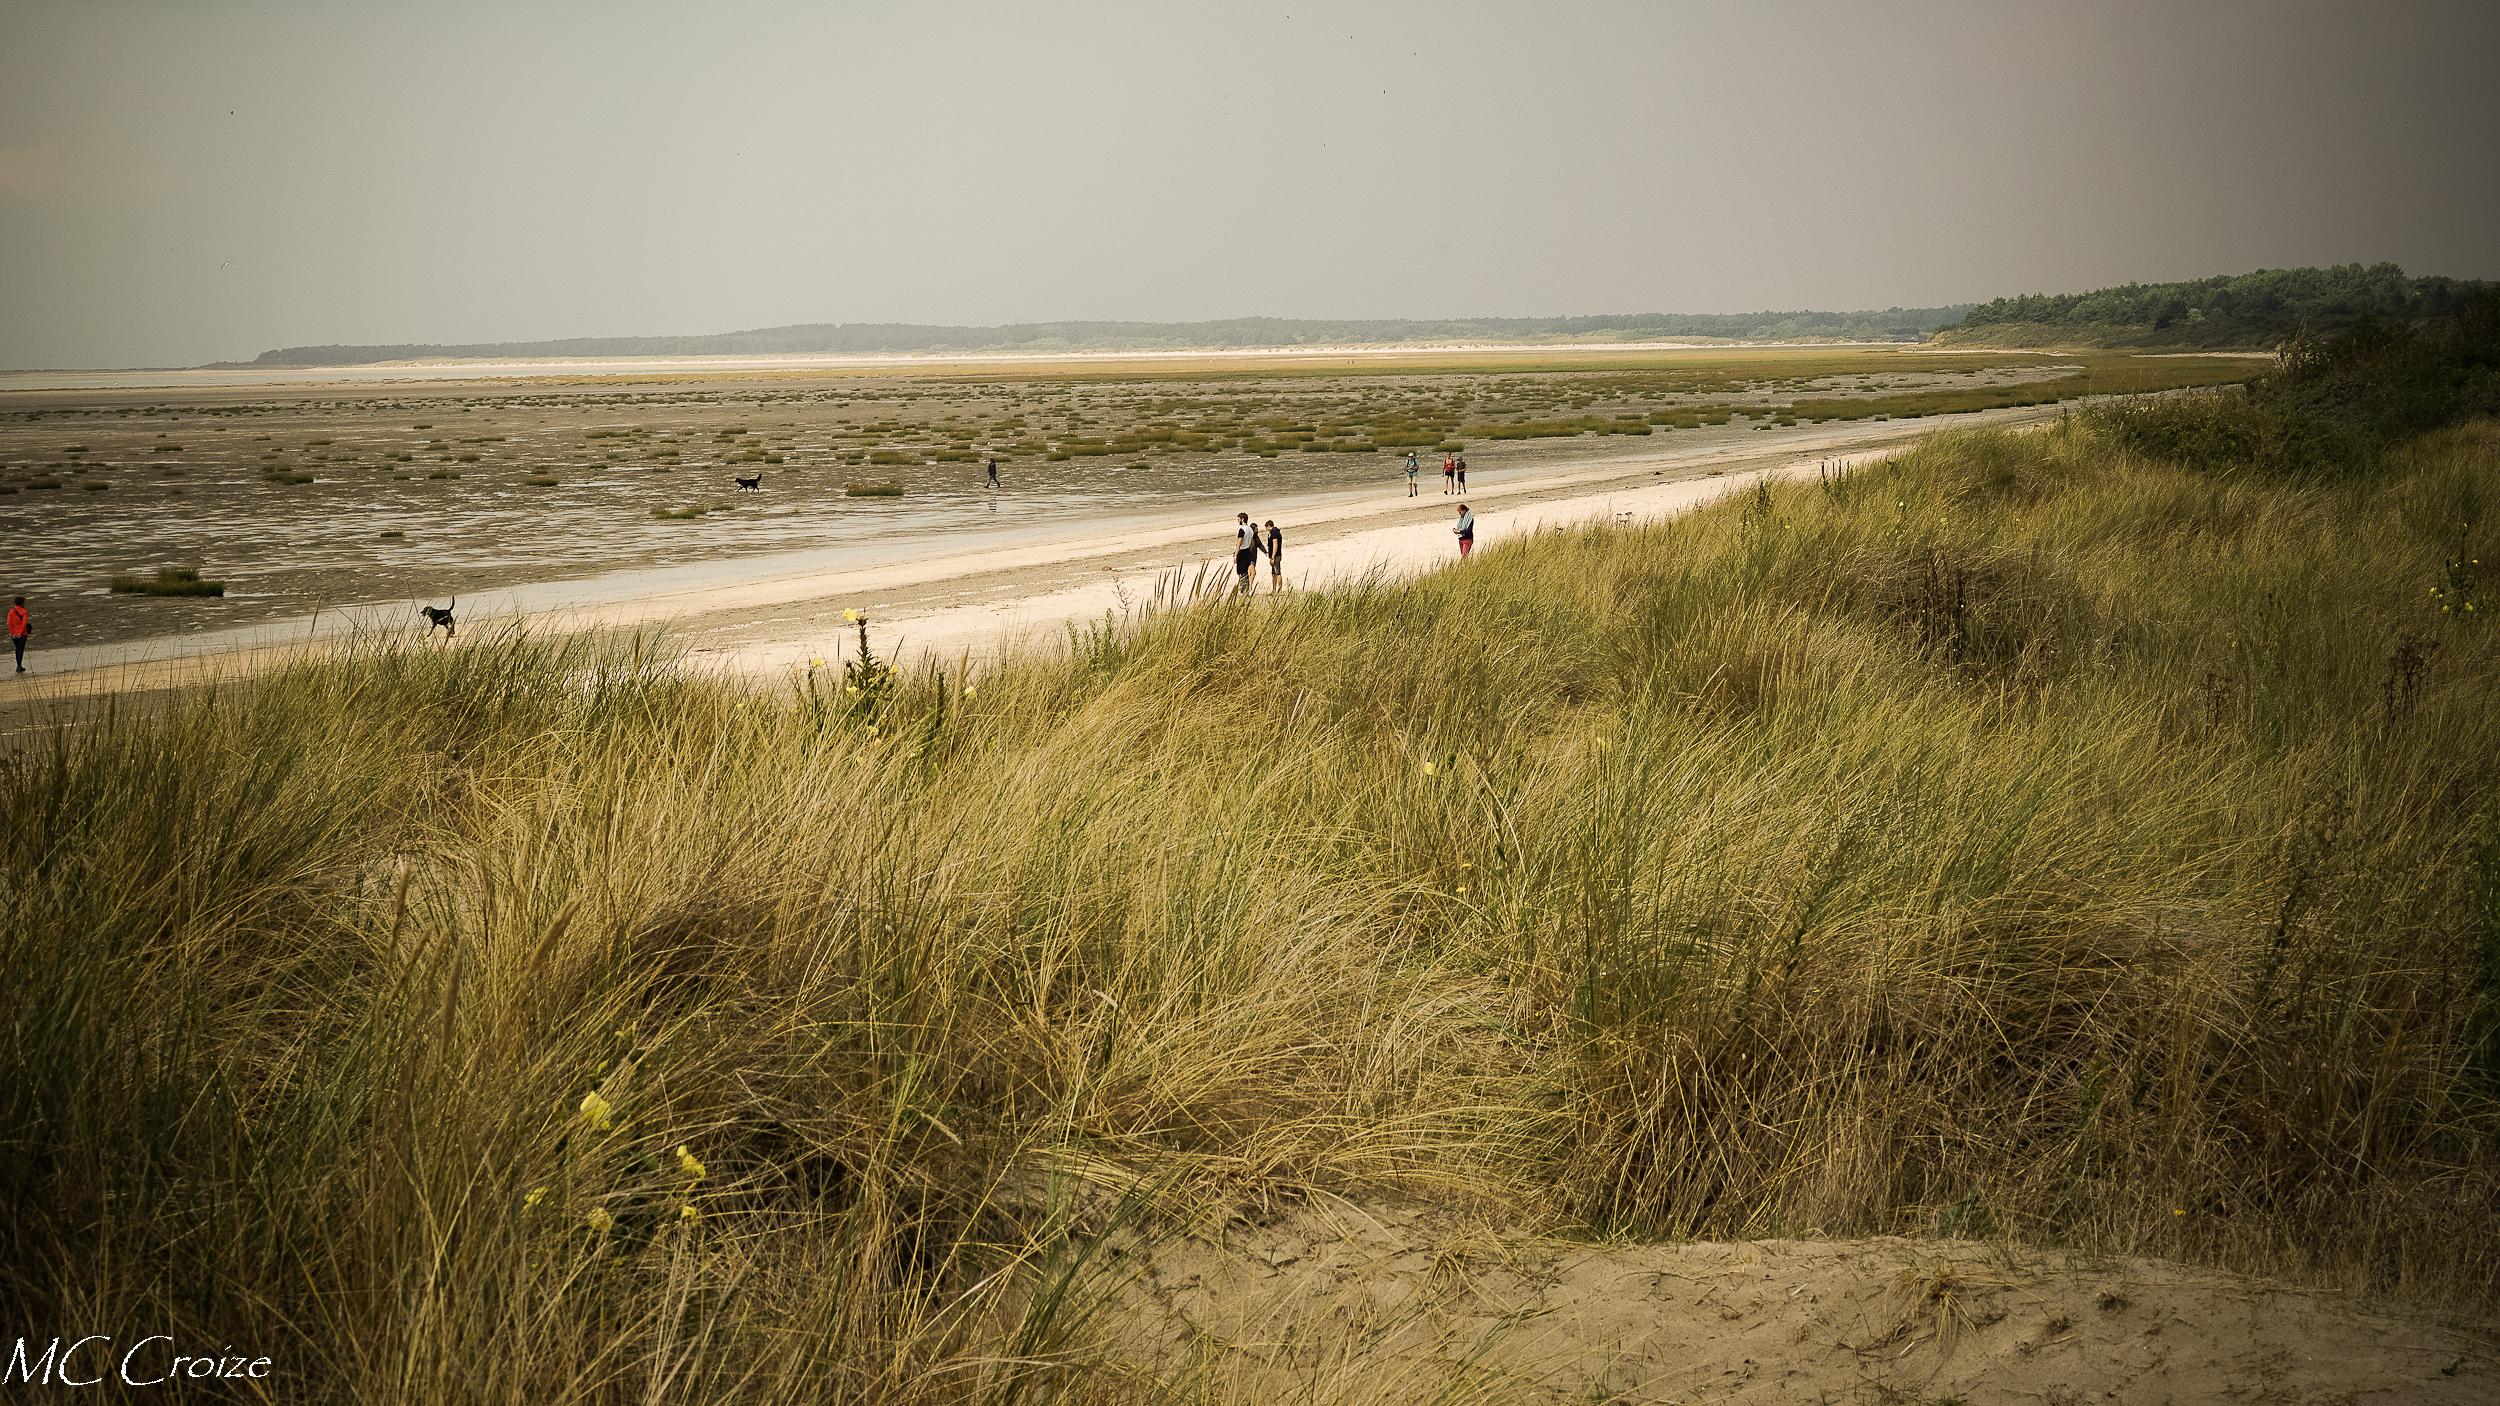 Promenade dans les dunes 43806362645_6b460f0066_o